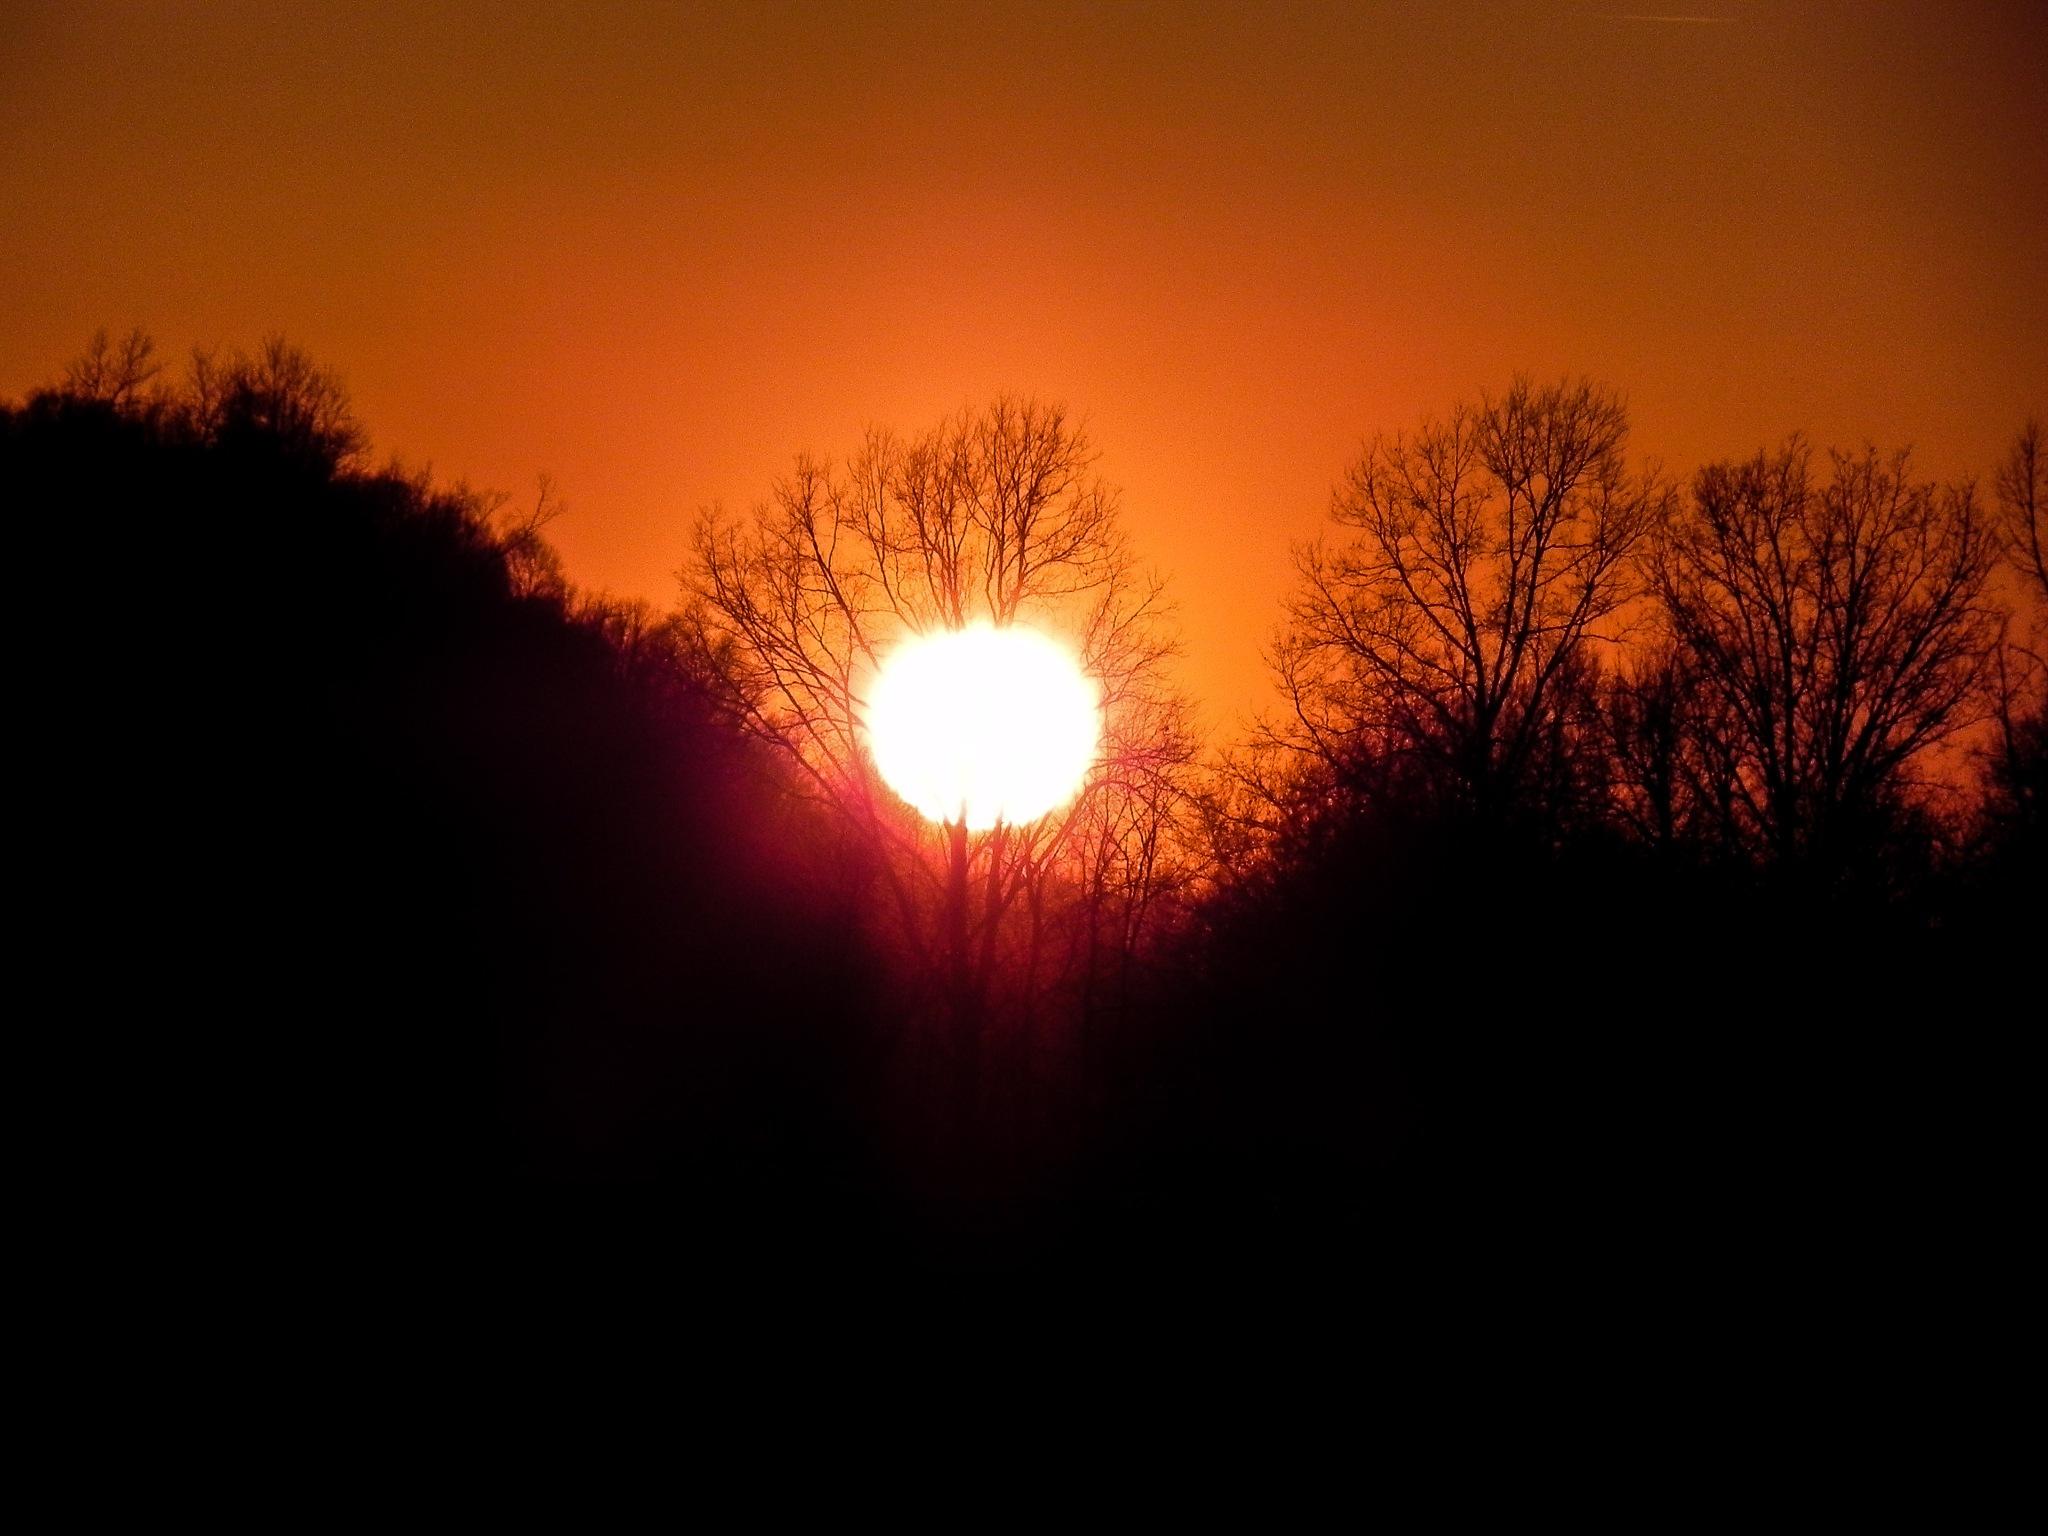 sunset by amanda b.